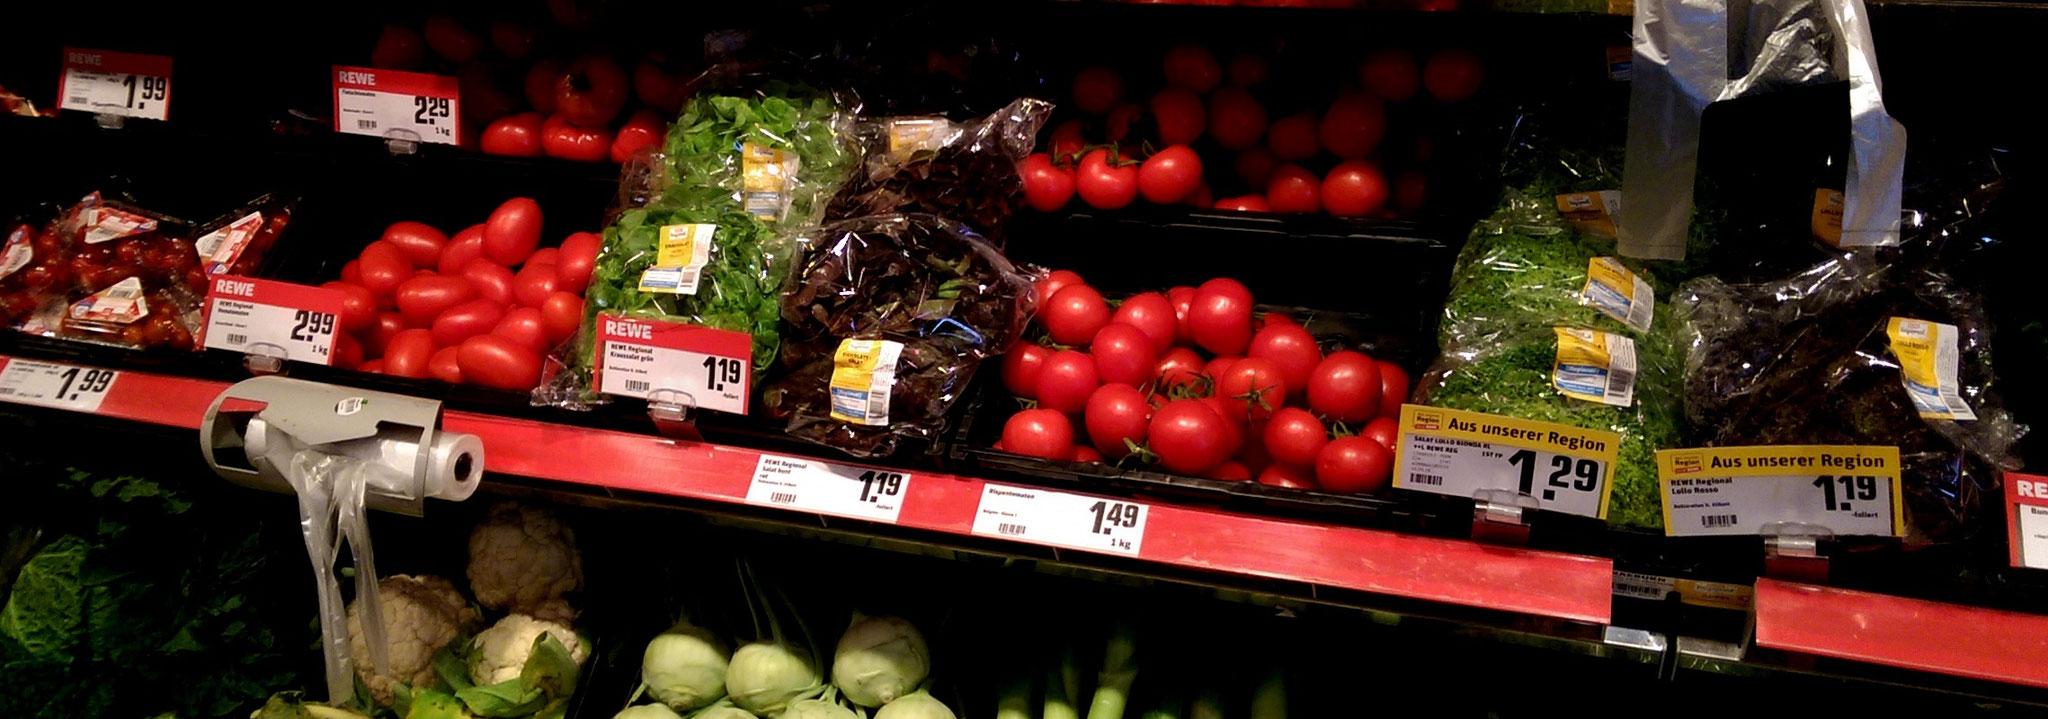 Bestes Obst und Gemüse - bei nahkauf immer frisch und lecker!